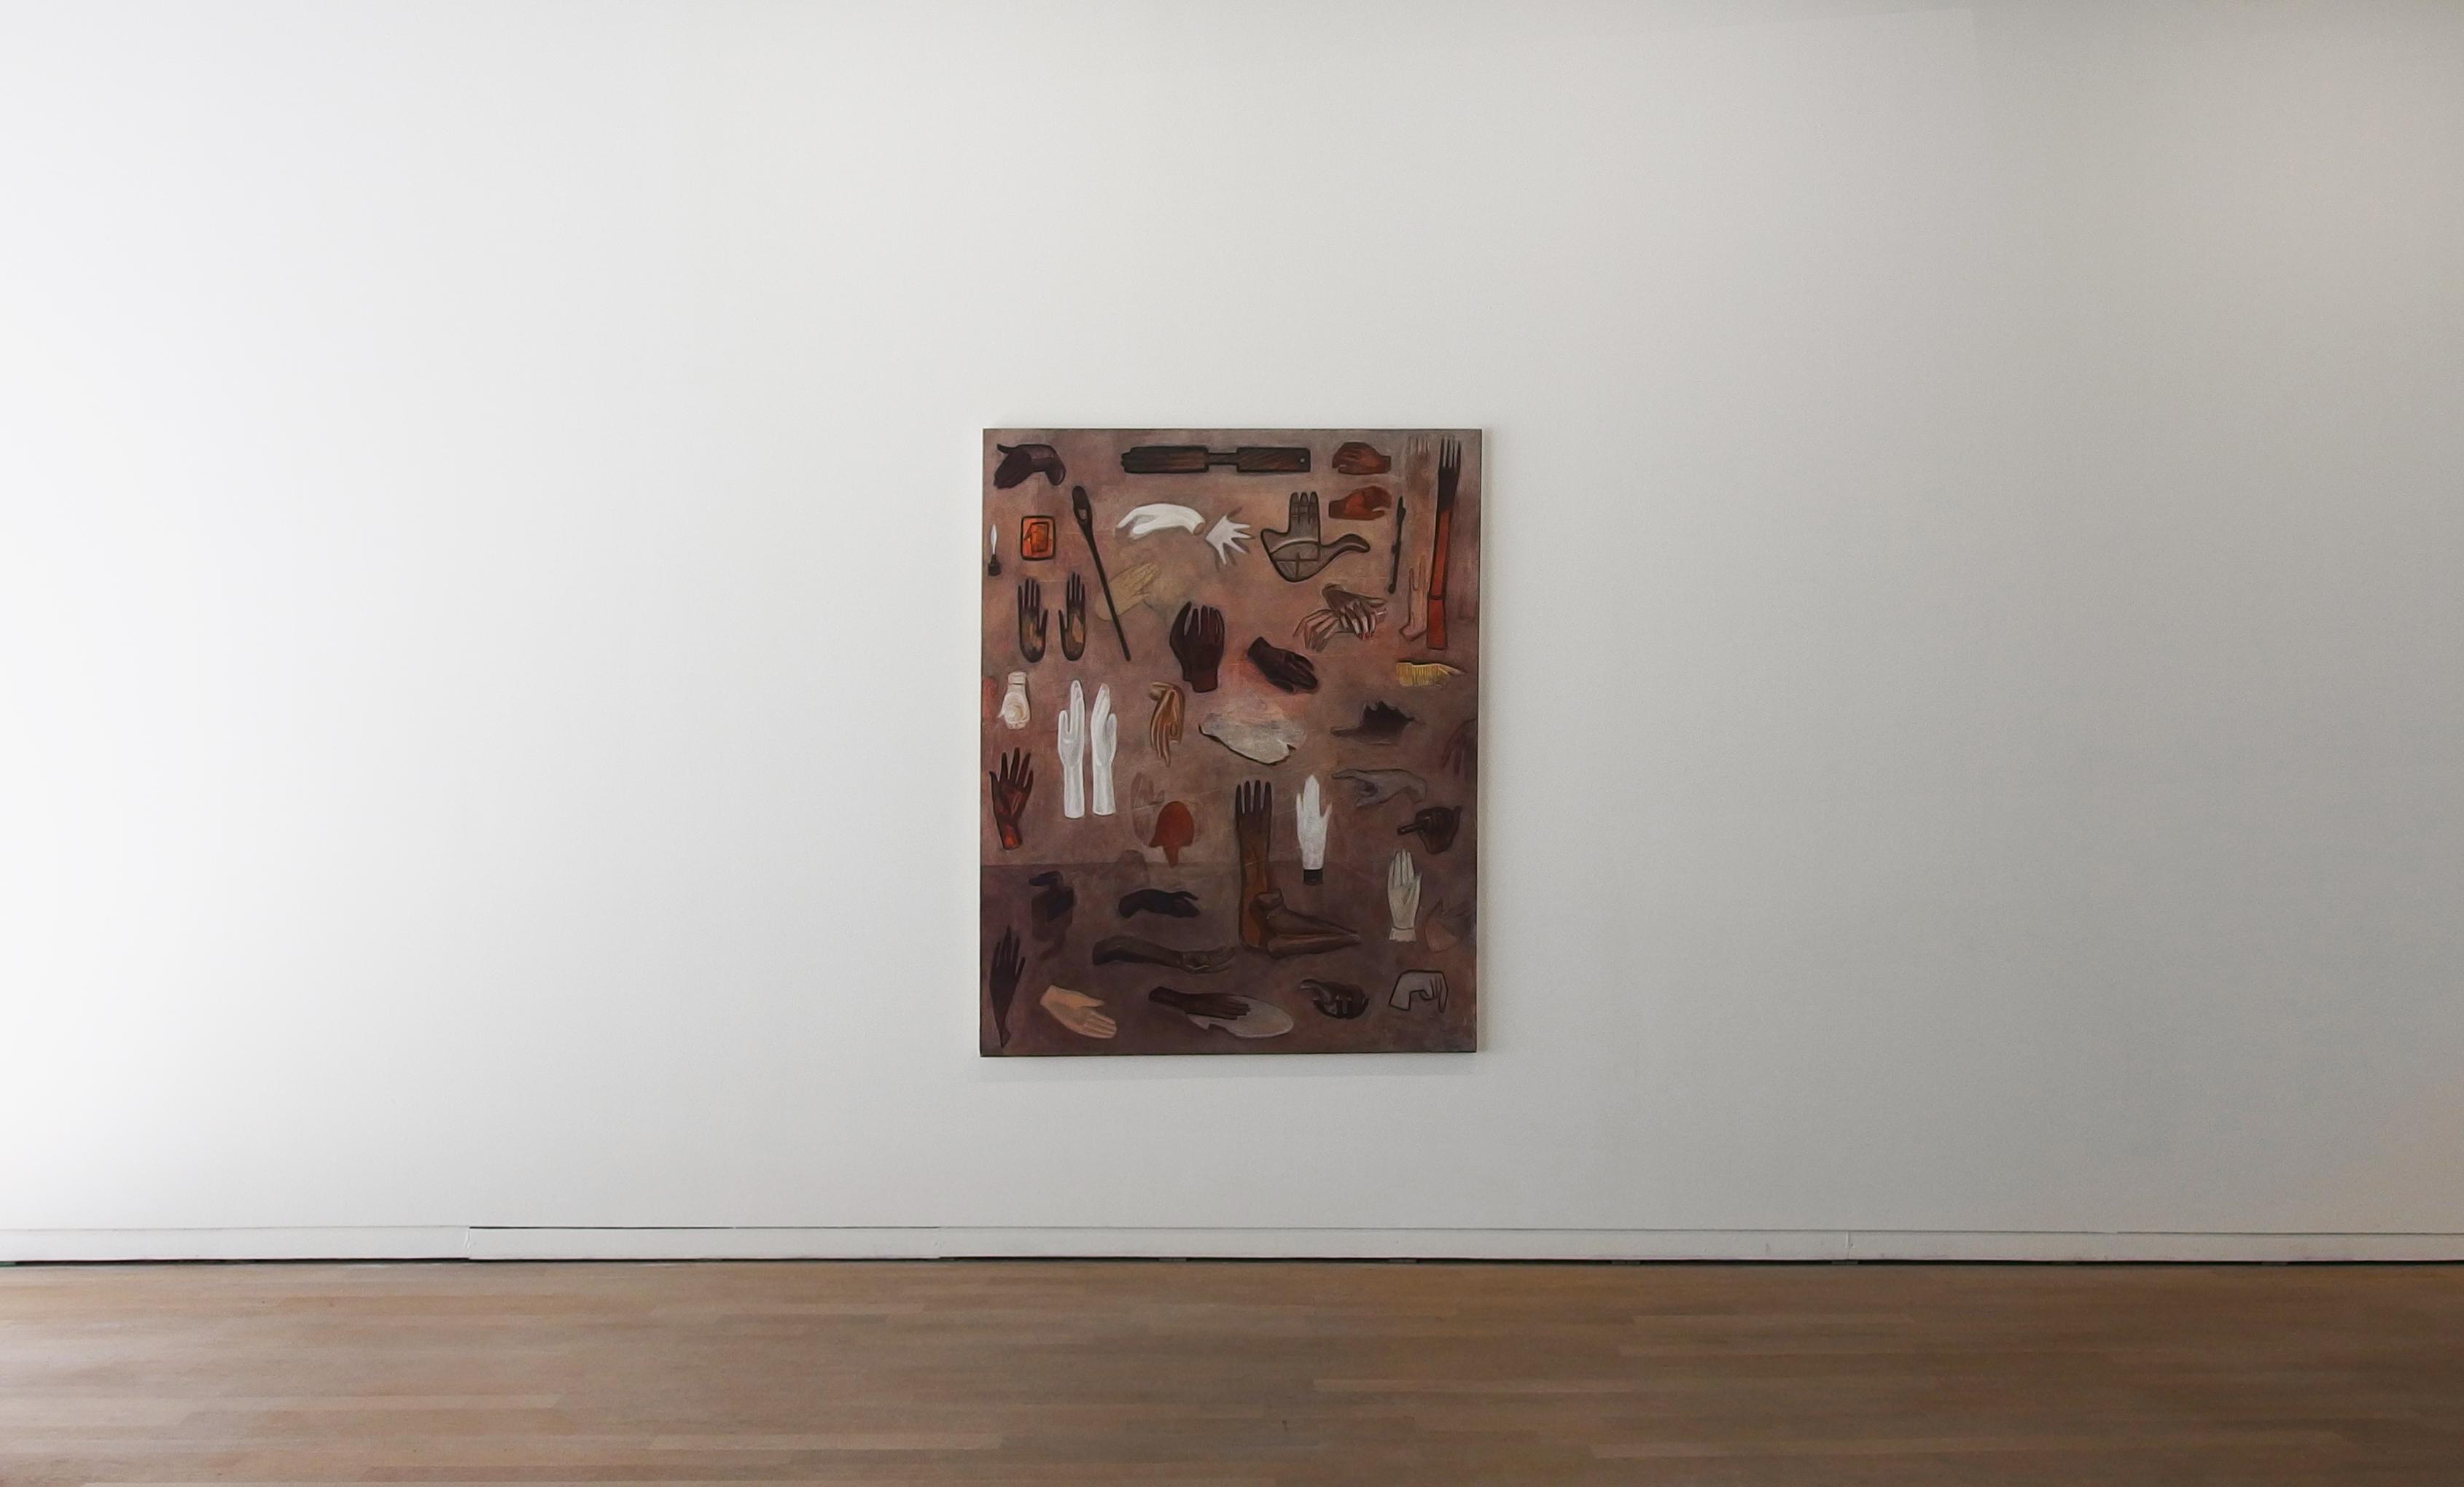 Mains de la collection Fabrice Roger Lacan, 2017, 162 x 130 cm, huile sur toile